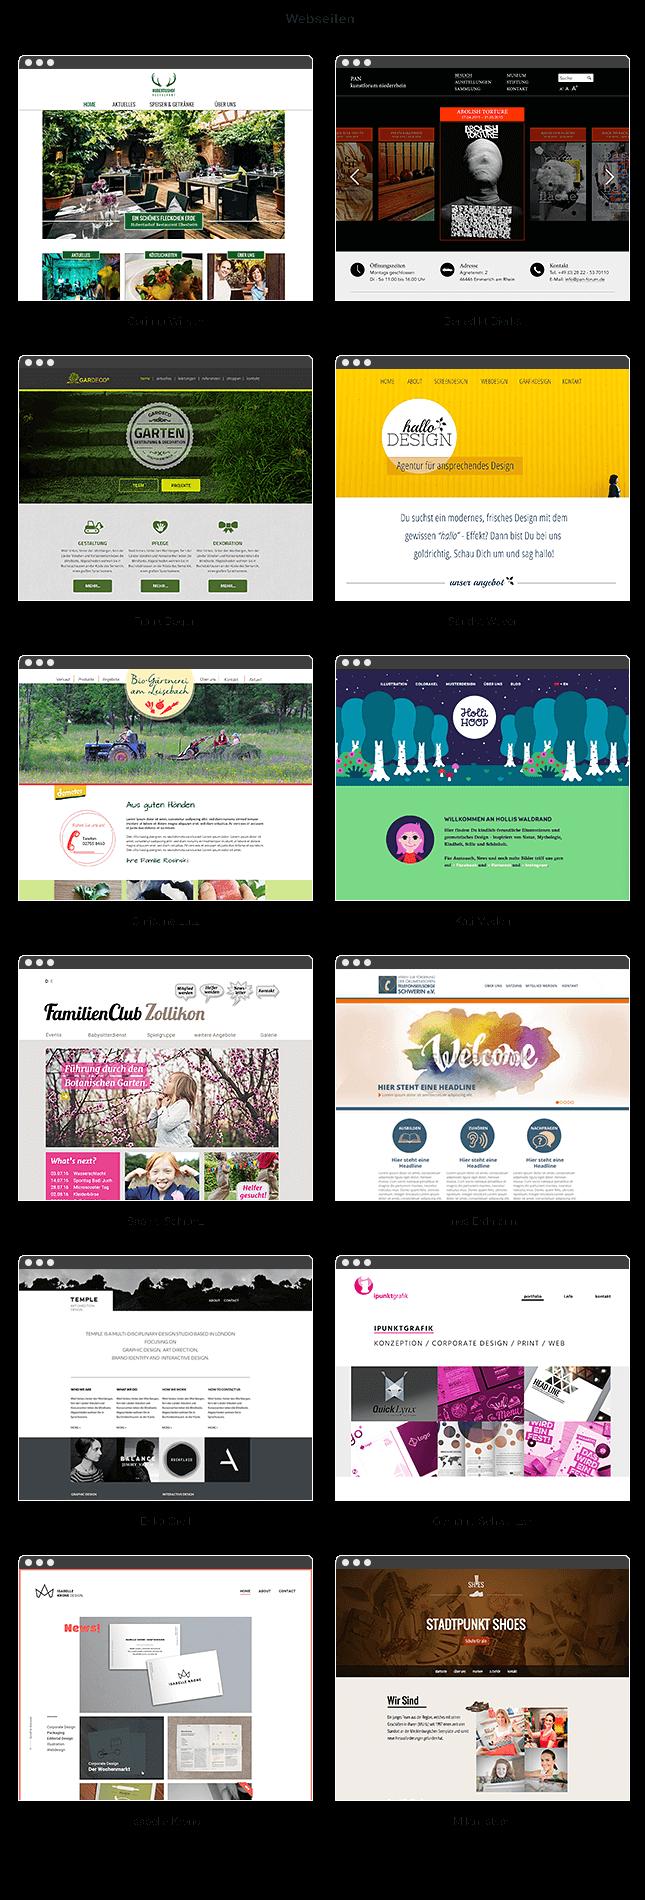 Erfreut Anatomie Websites Für Studenten Ideen - Anatomie Ideen ...